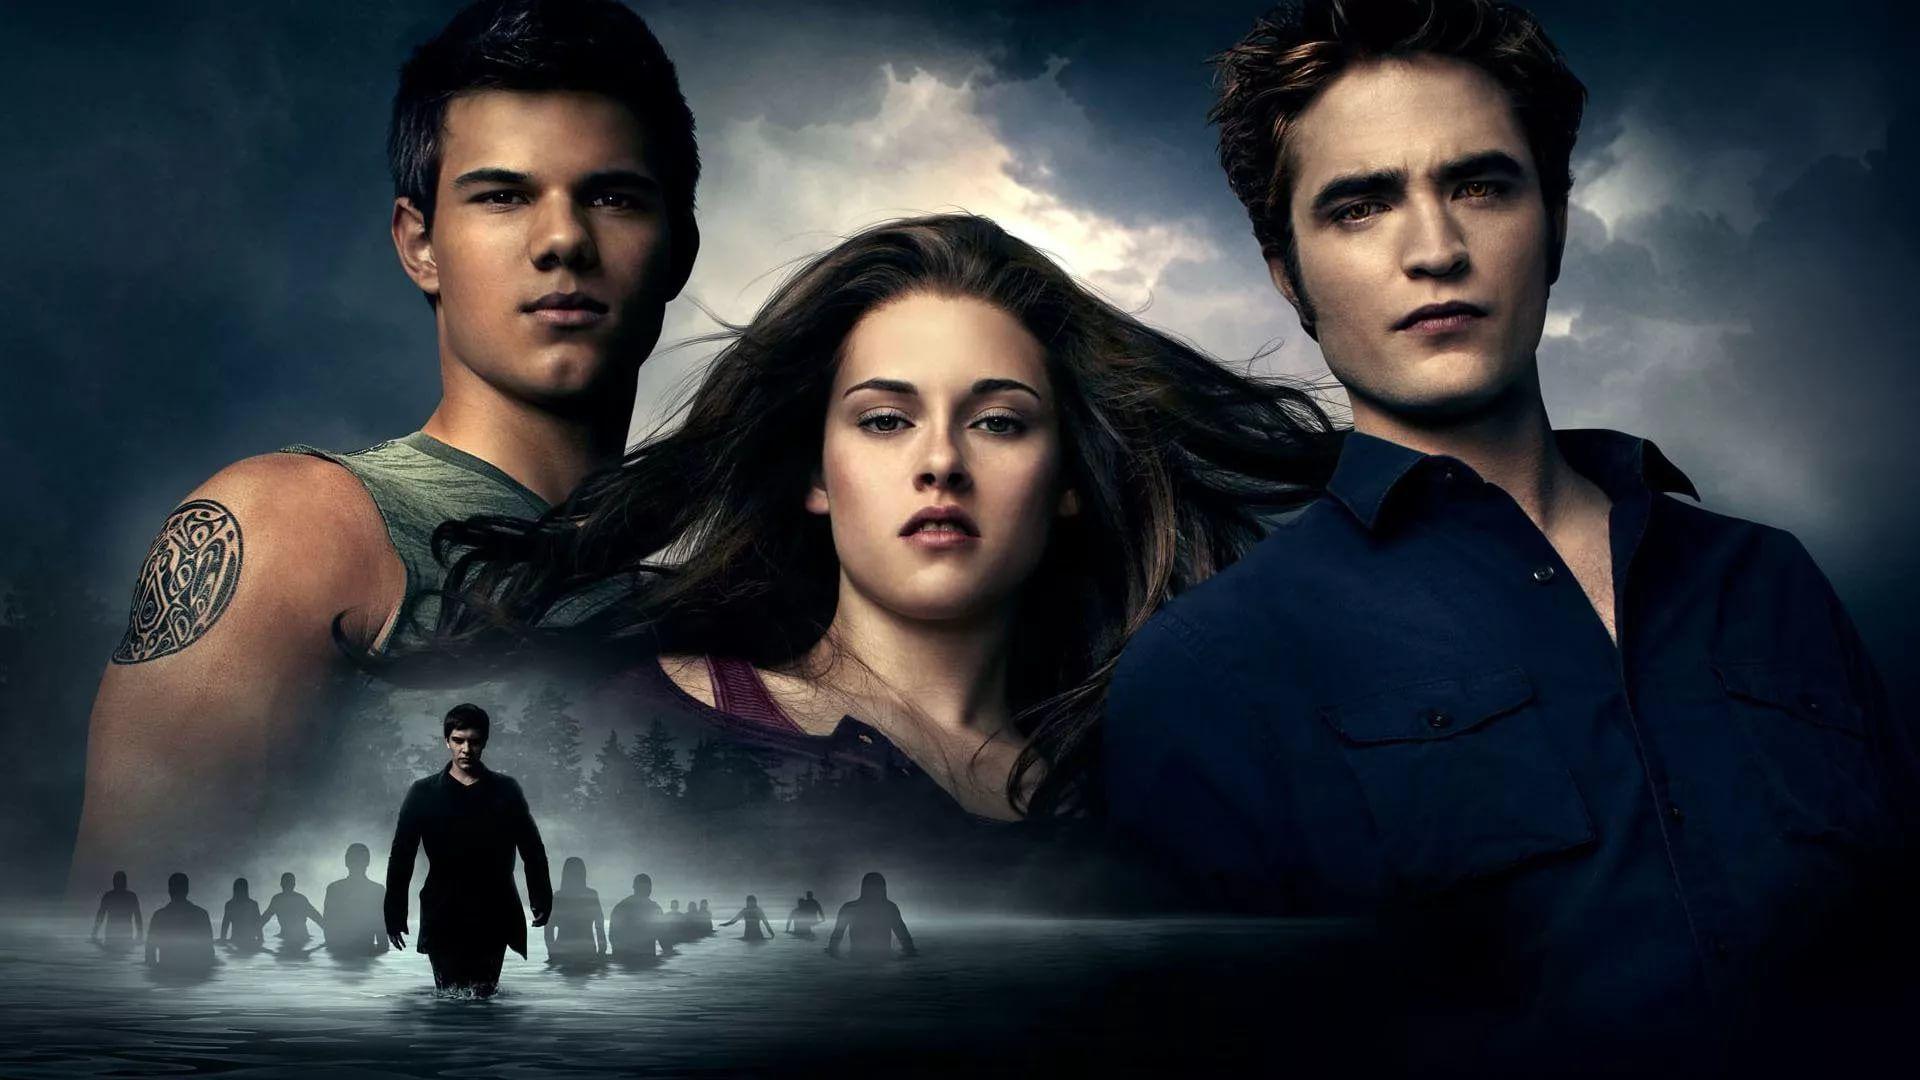 Twilight Saga Picture